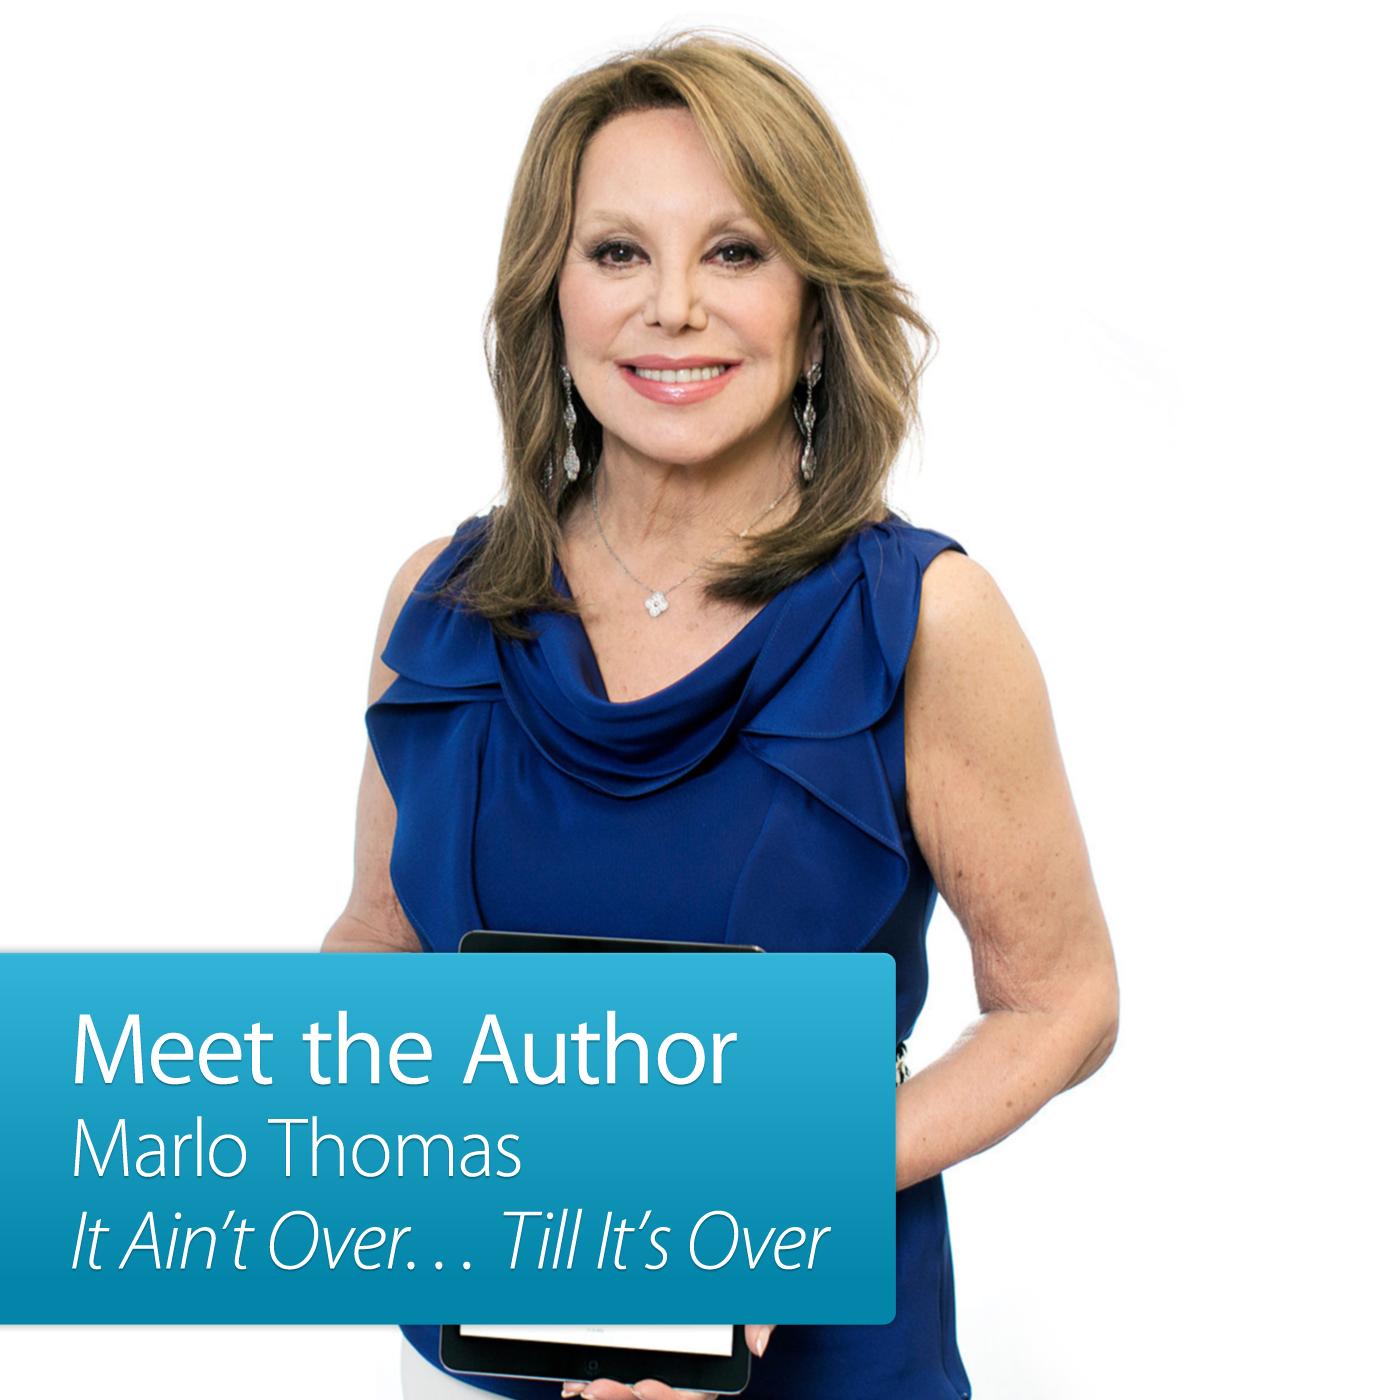 Marlo Thomas: Meet the Author